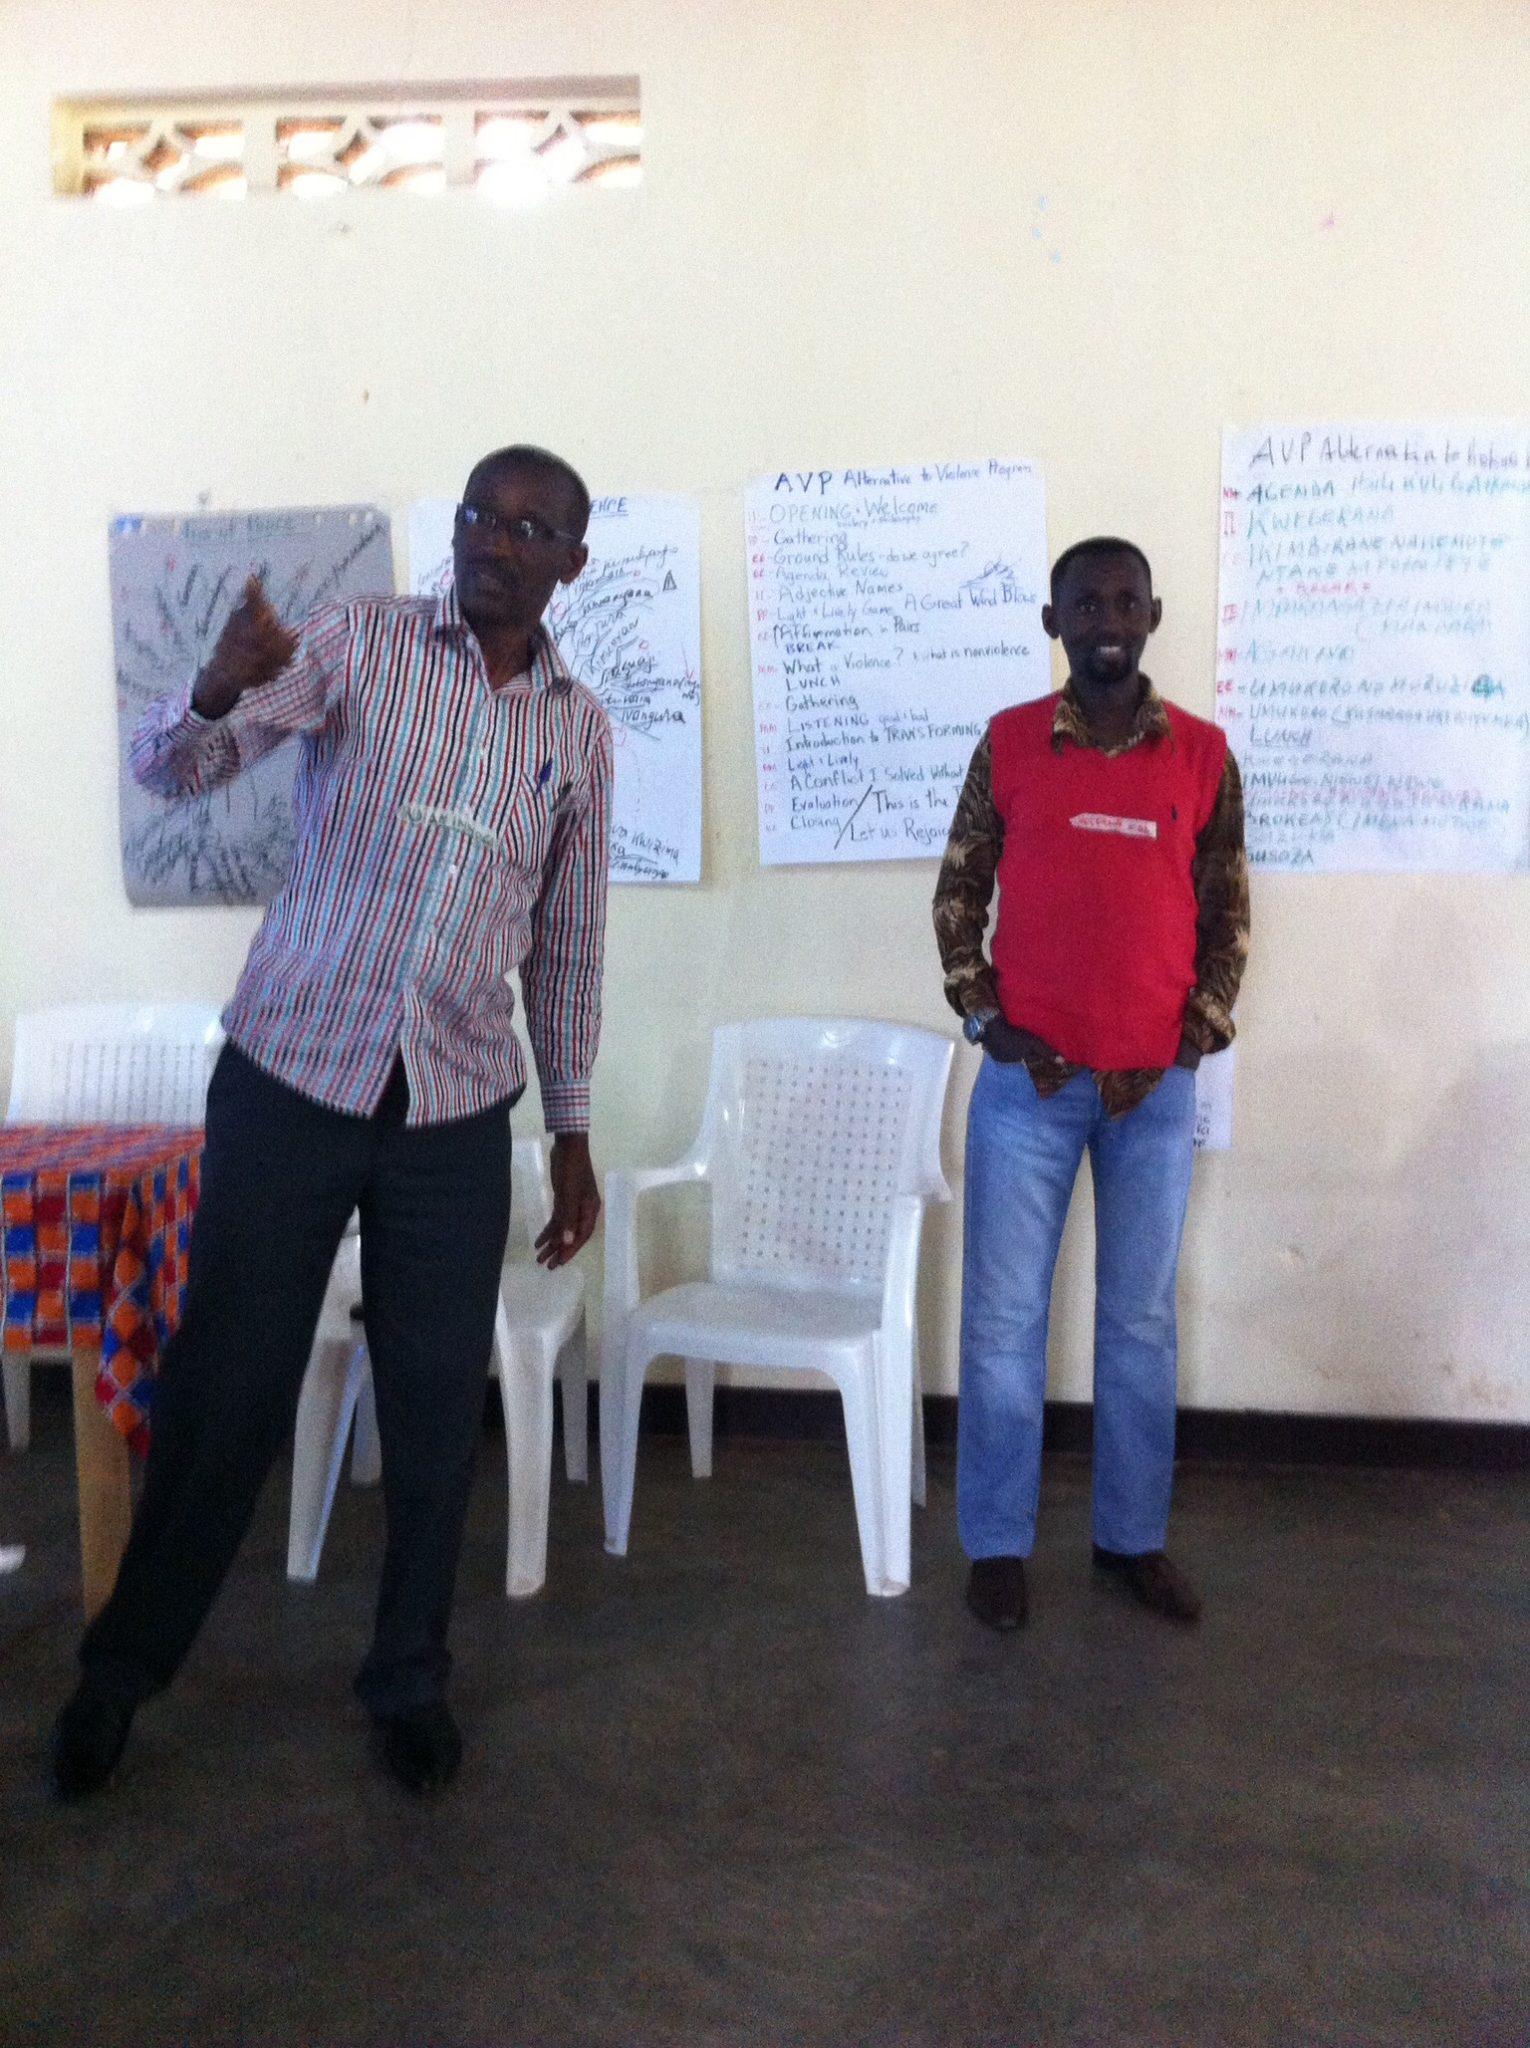 Innocent & Eddy facilitating AVP